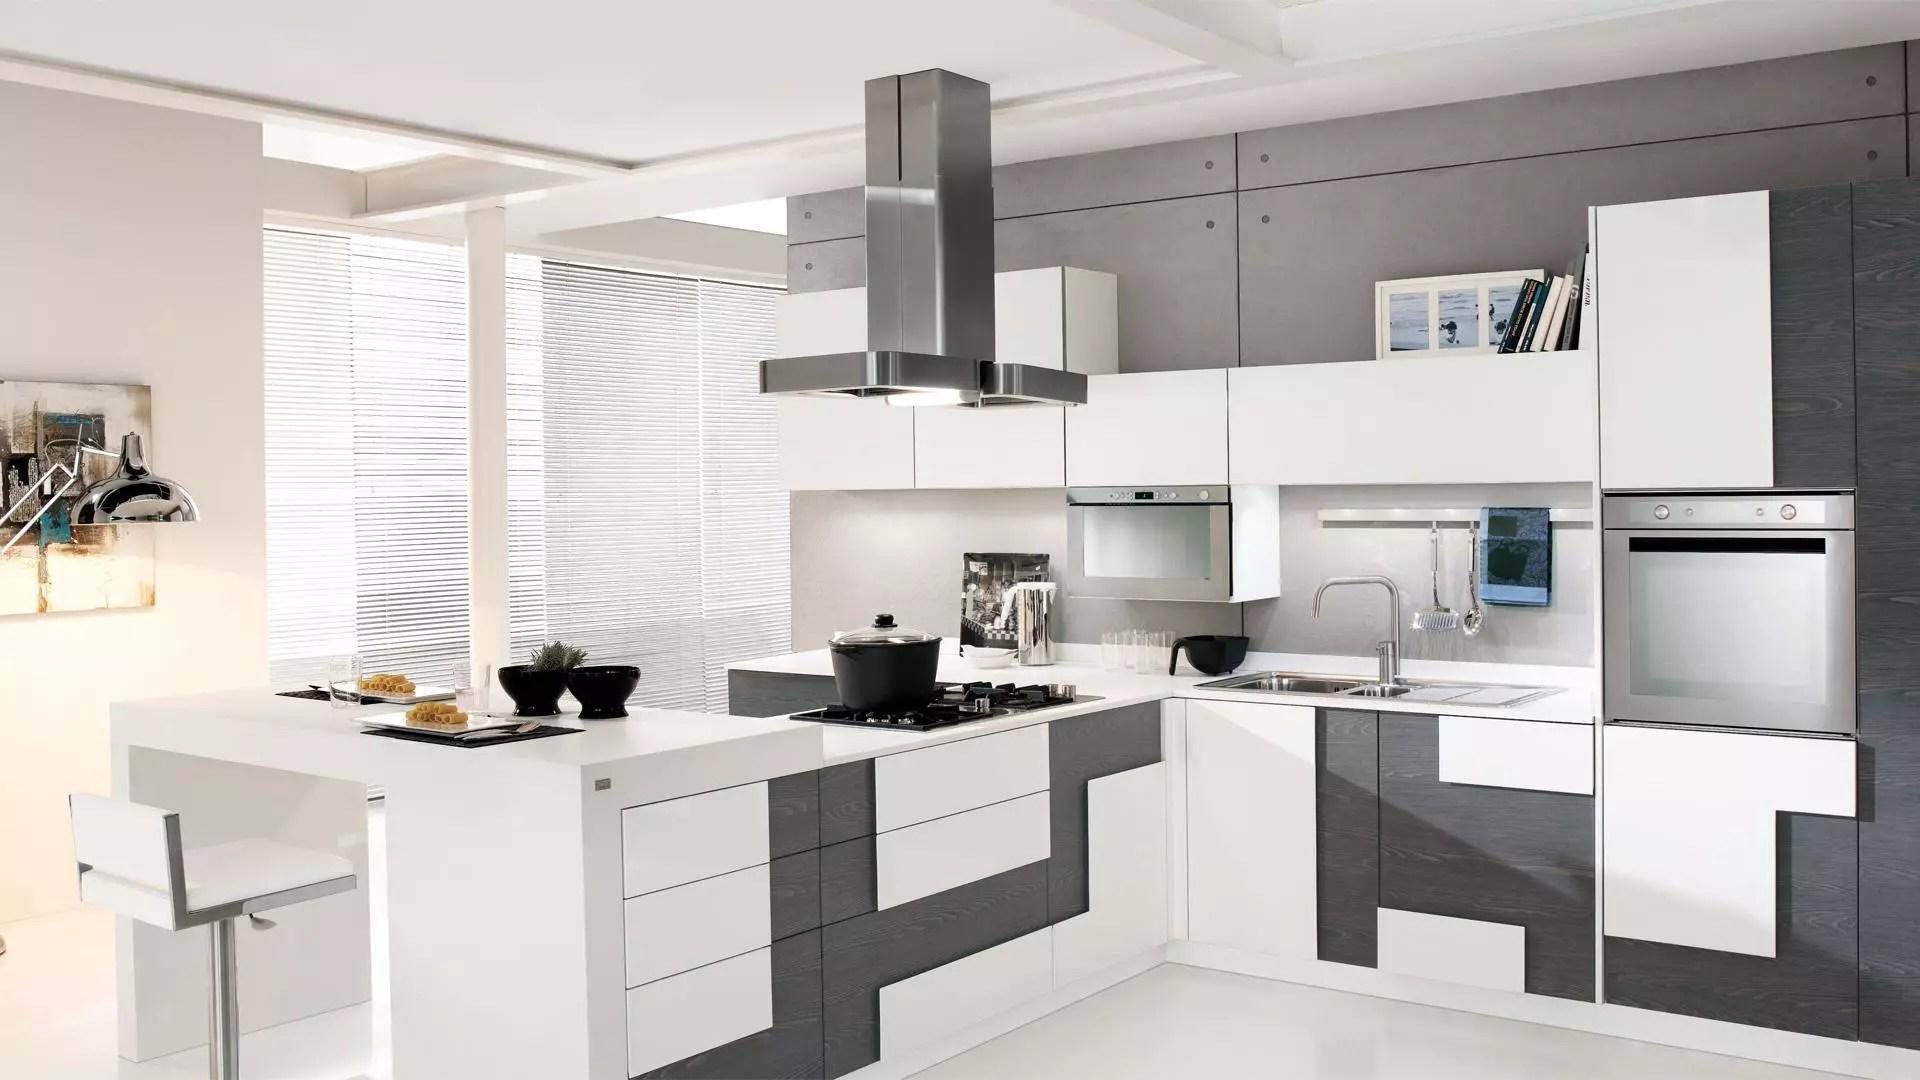 Modelli Di Cucine Classiche | Arredamento A Bresso Sesto San ...